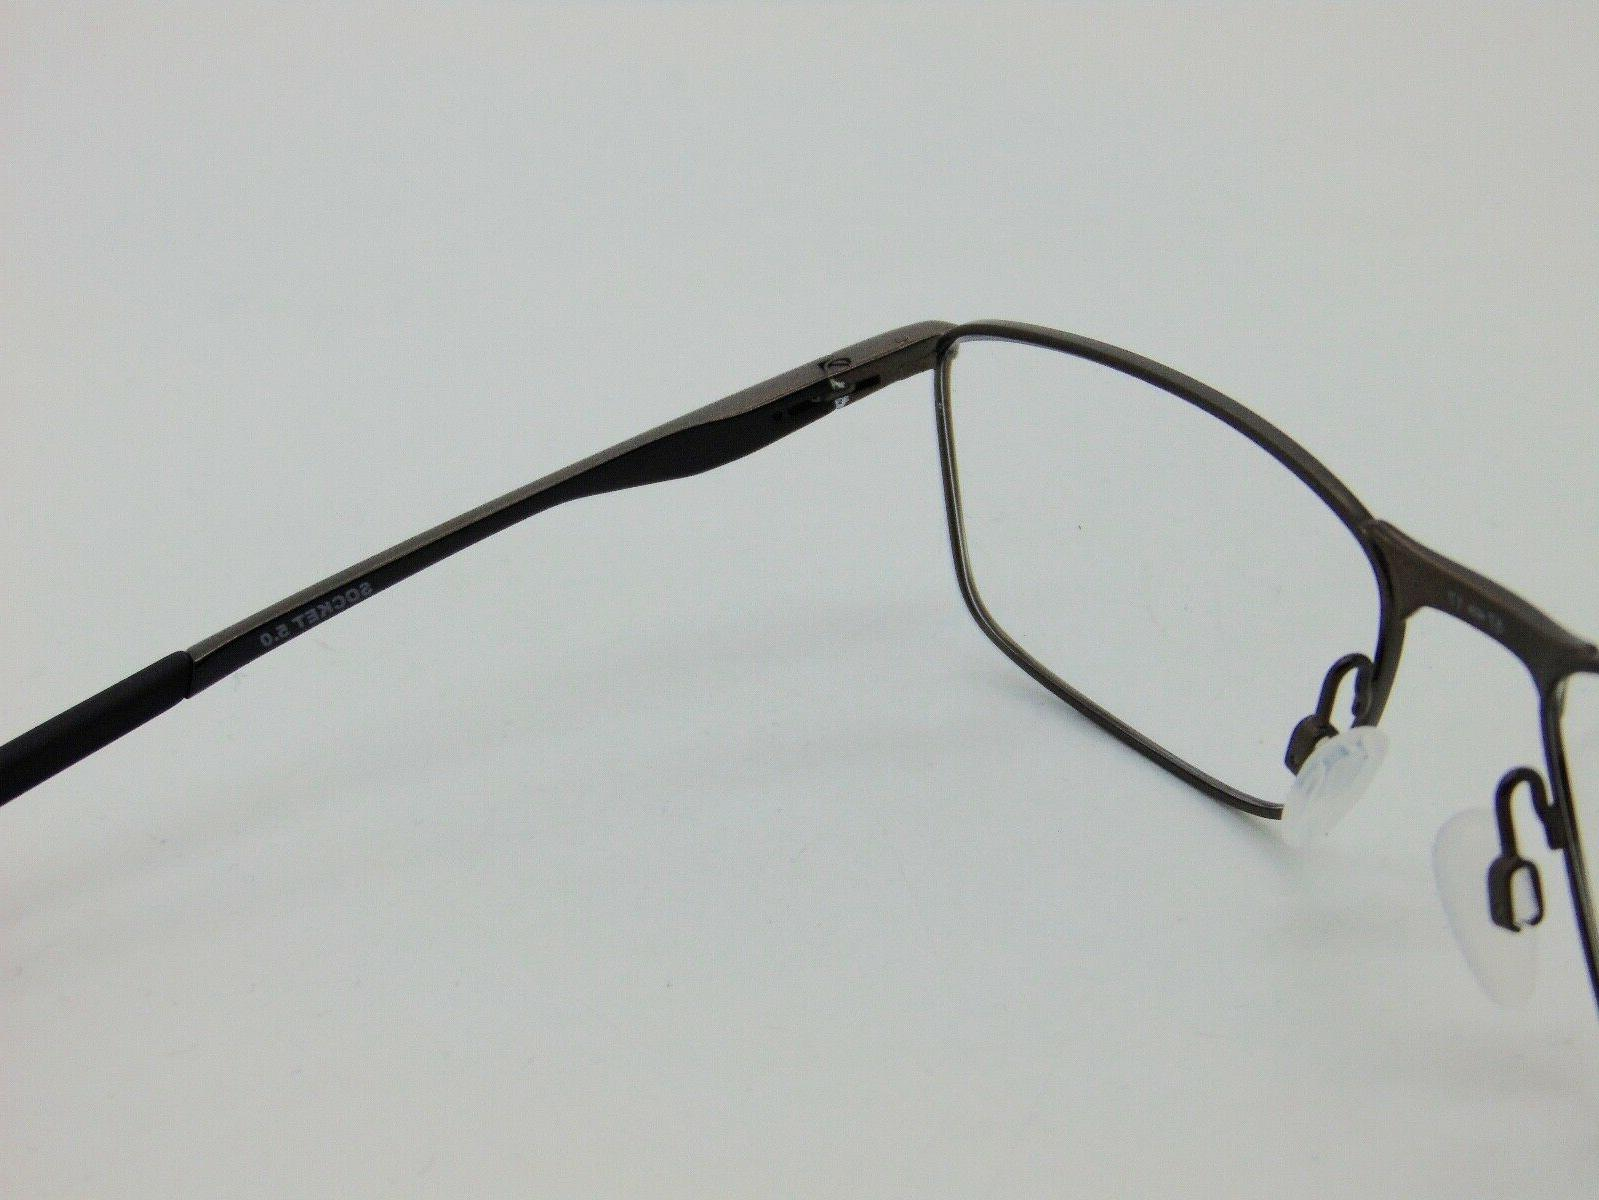 OAKLEY SOCKET Satin Rx Authentic Eyeglasses